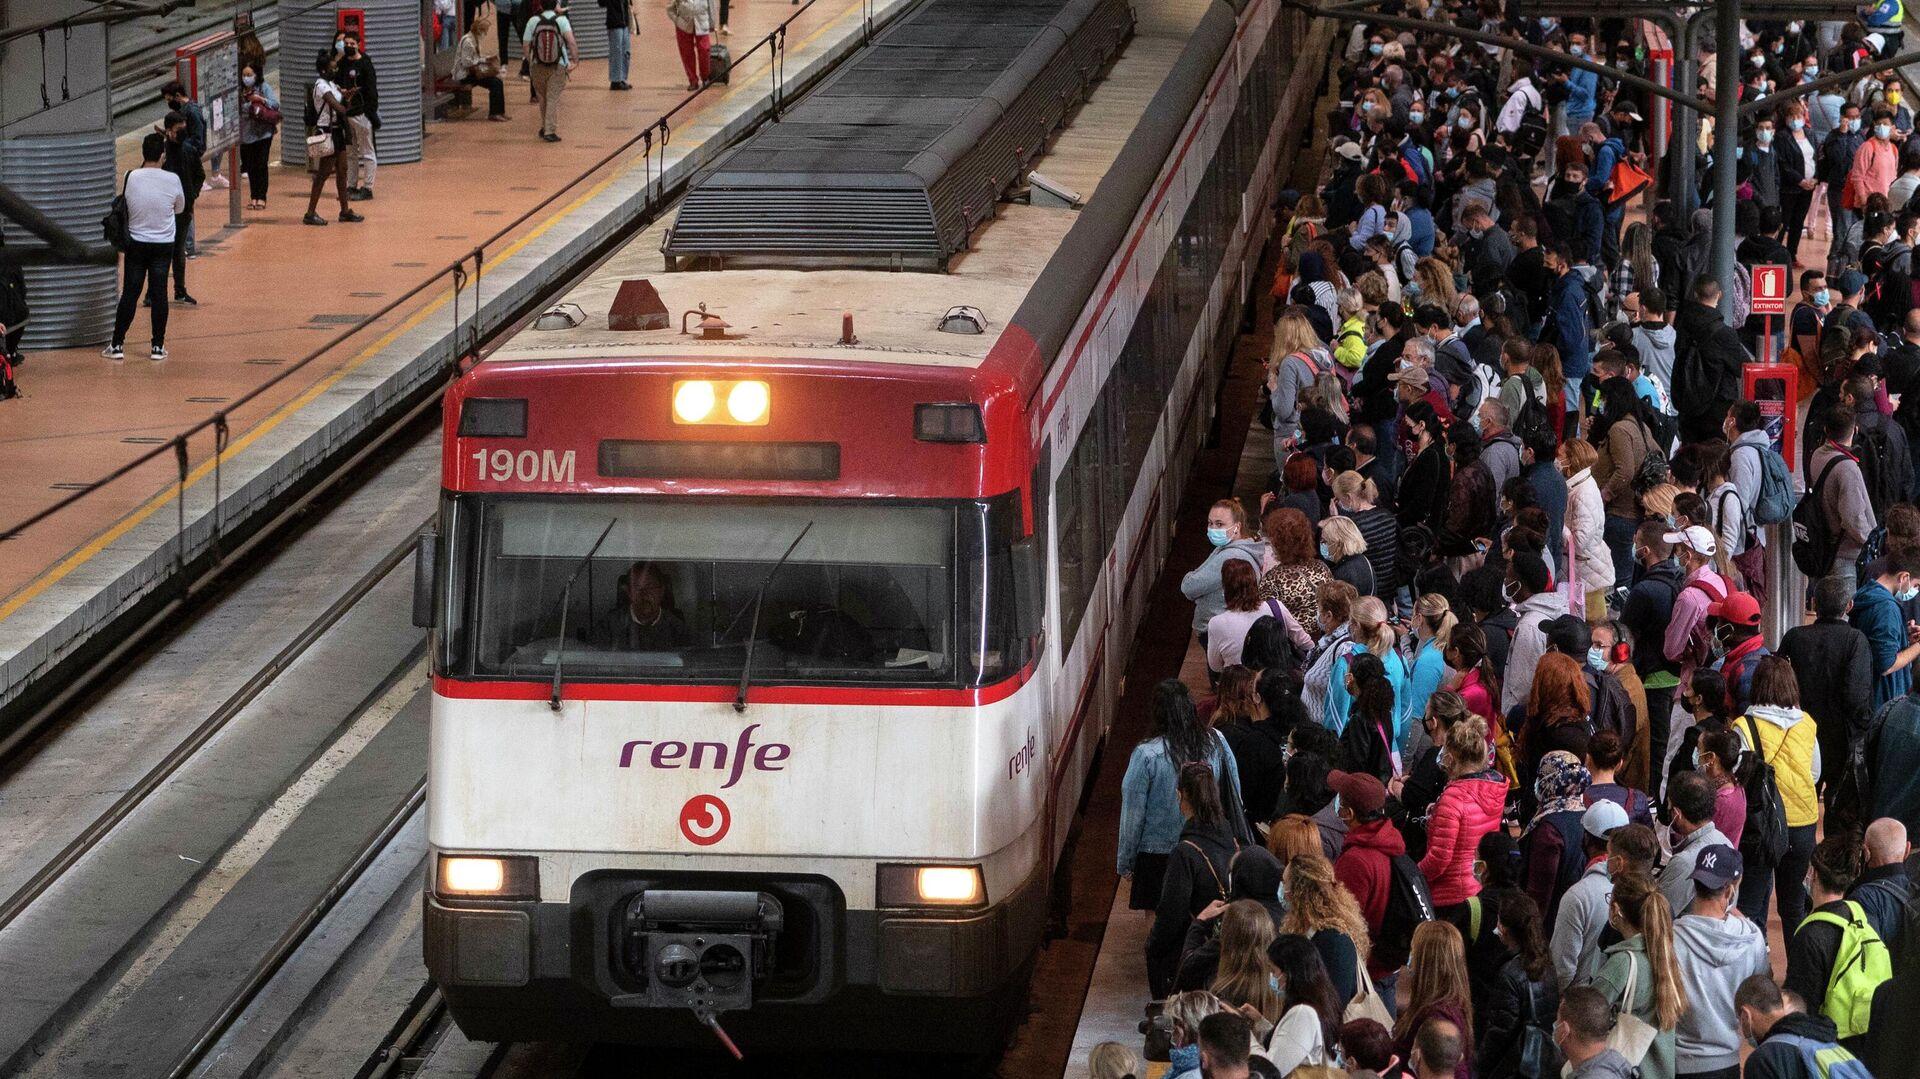 Gran número de pasajeros en la estación de Atocha durante el primer día de huelga en Renfe (Madrid) - Sputnik Mundo, 1920, 30.09.2021